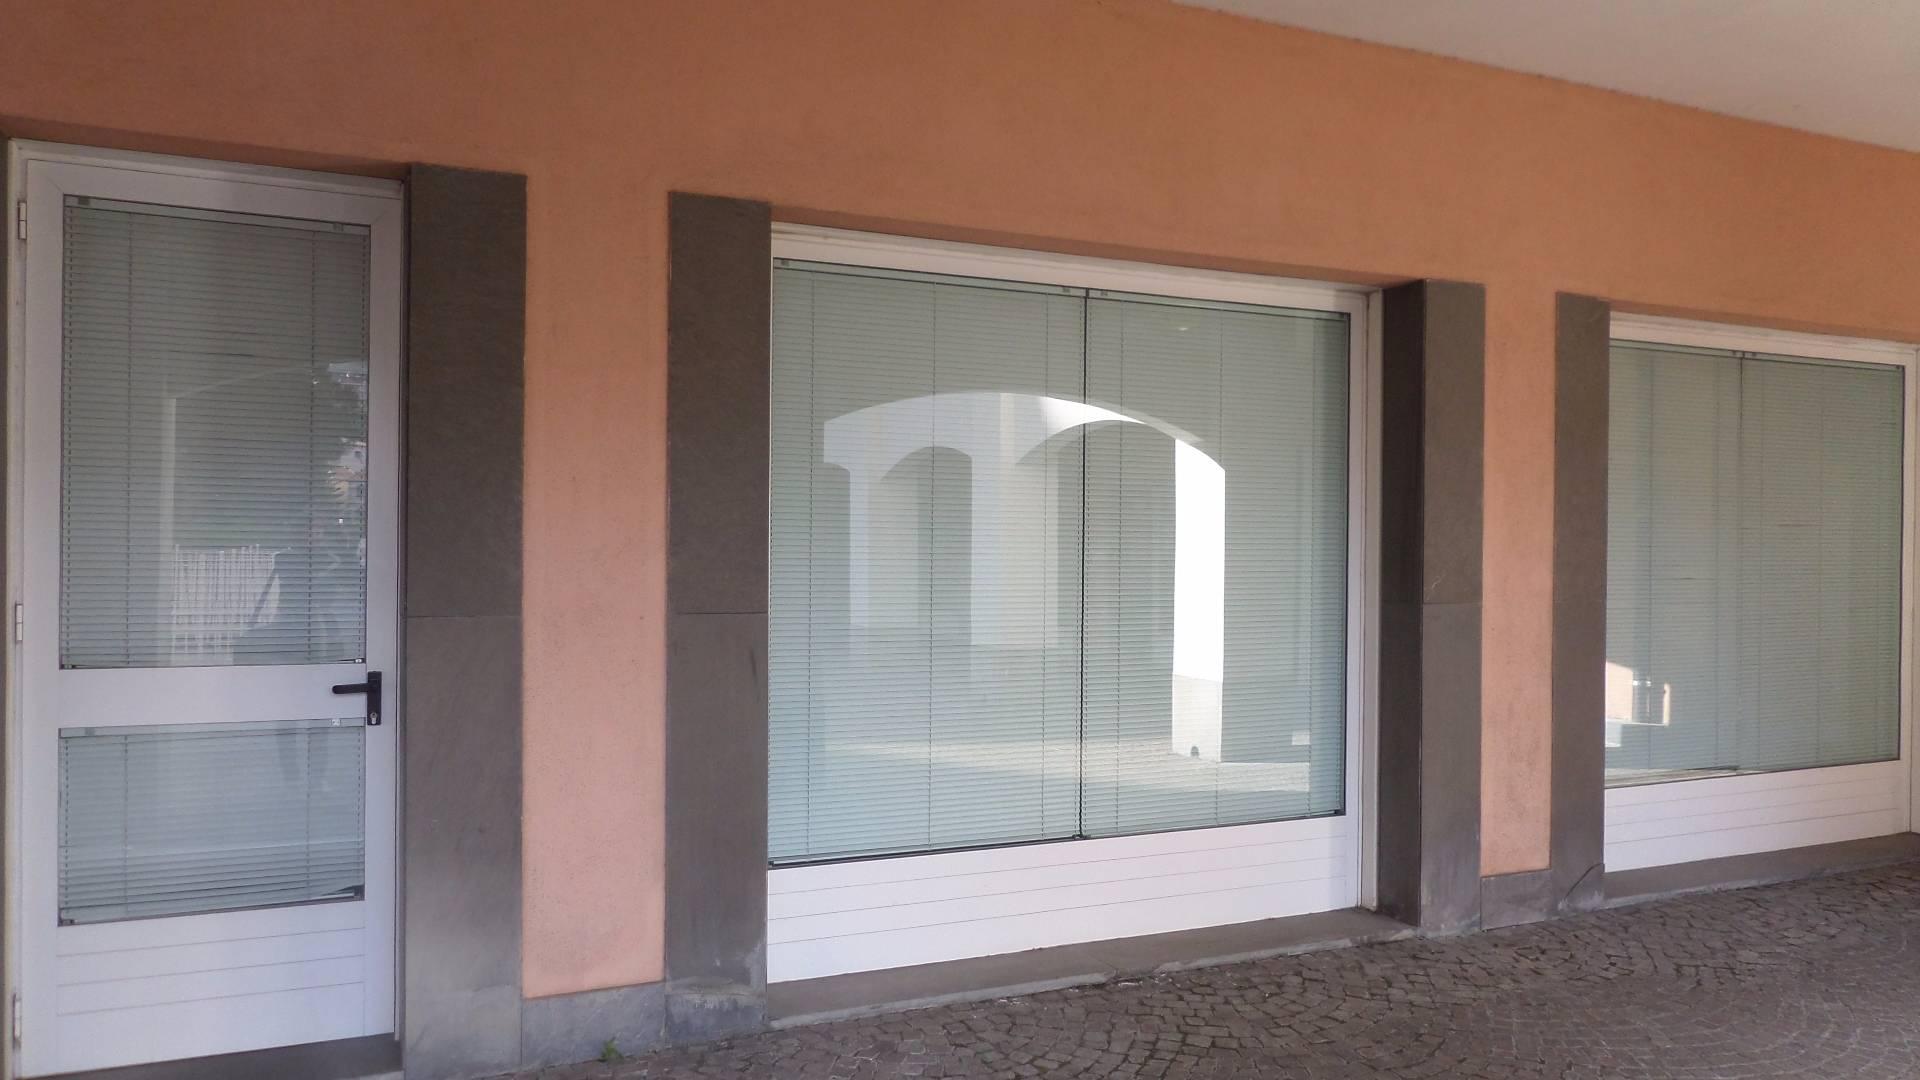 Negozio / Locale in affitto a Arenzano, 9999 locali, zona Località: Stazione, prezzo € 1.000 | Cambio Casa.it